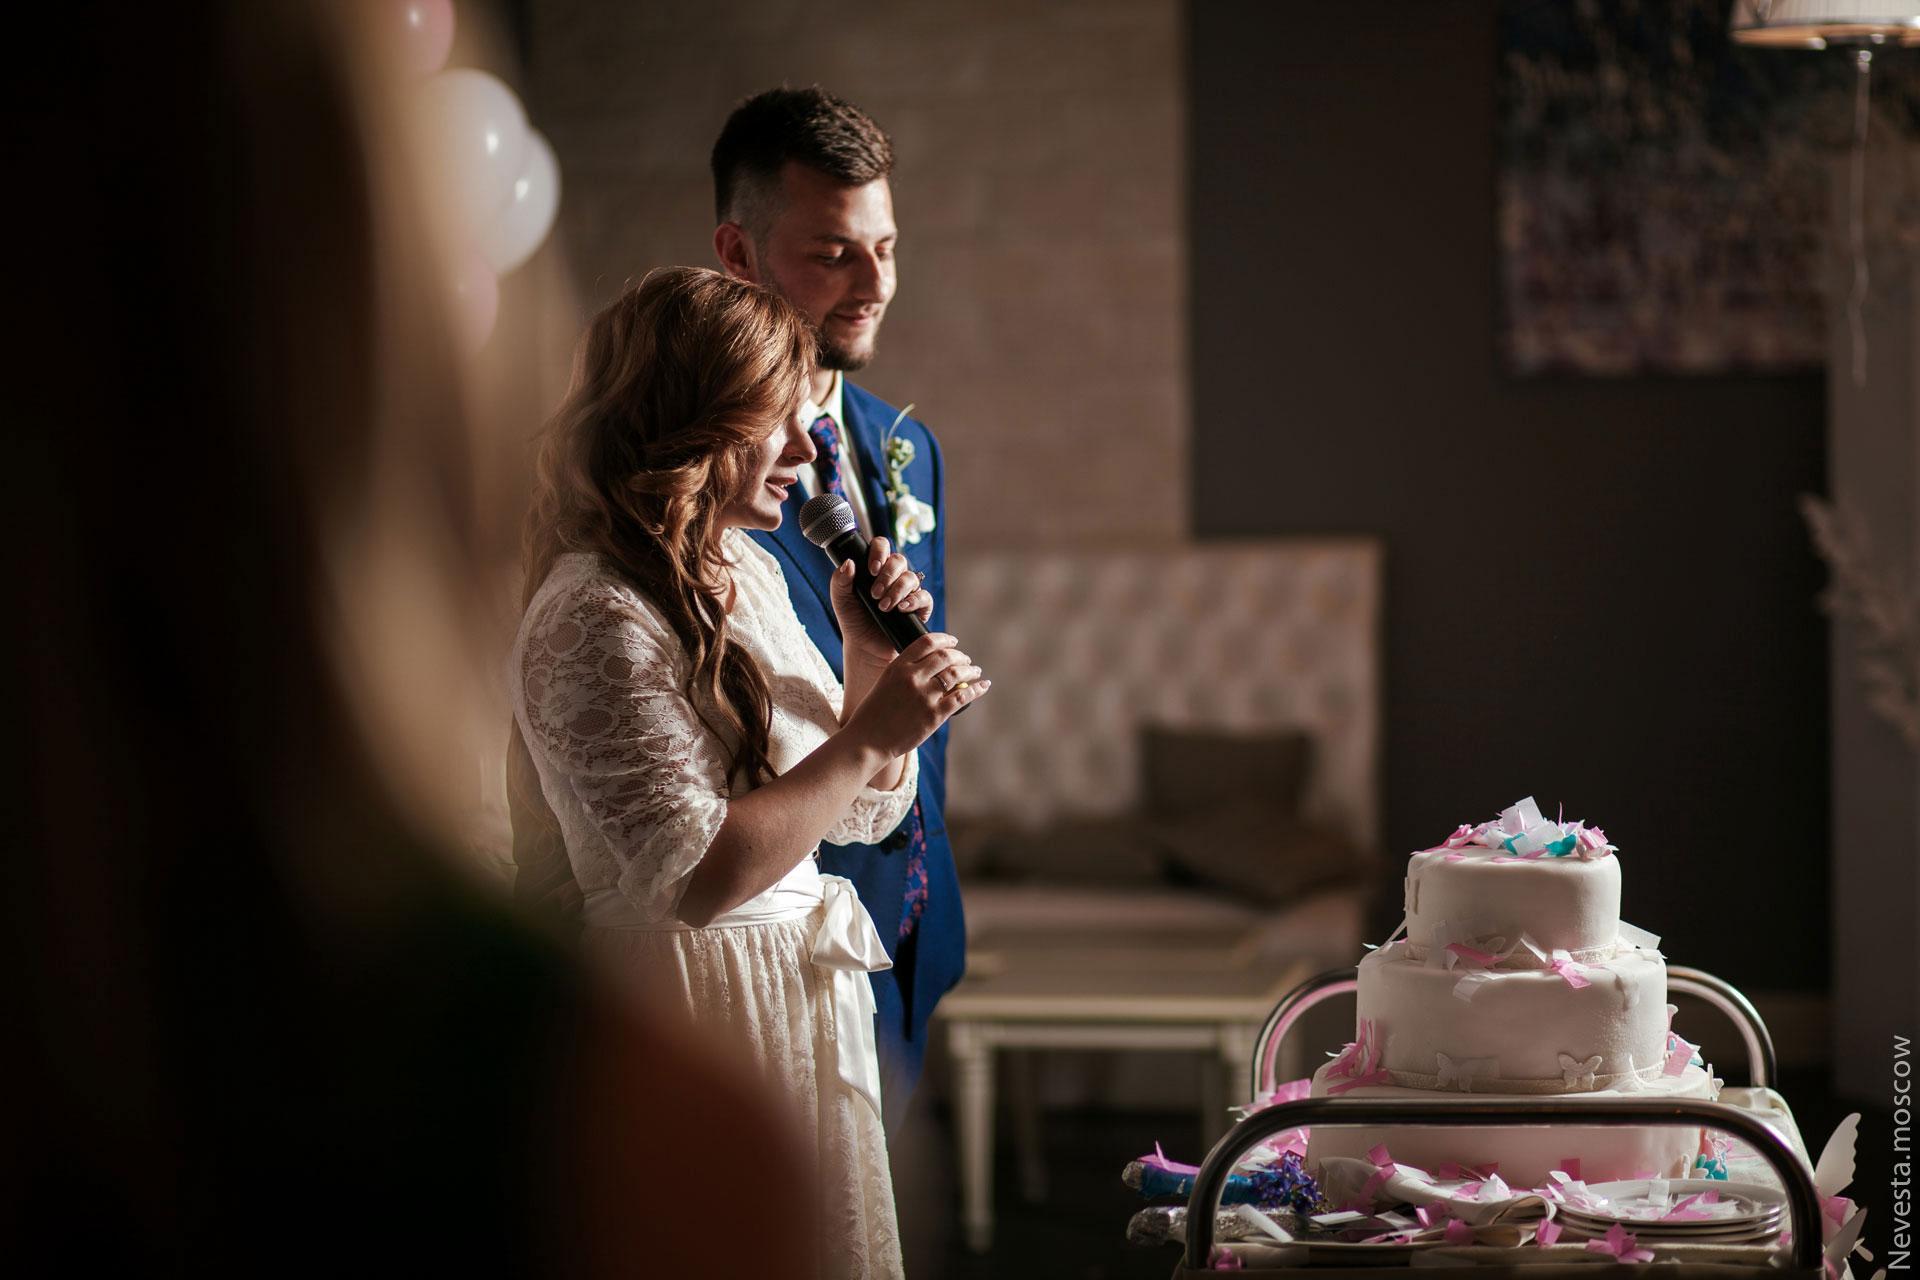 Свадьба Анастасии Денисовой и Богдана  фото 16